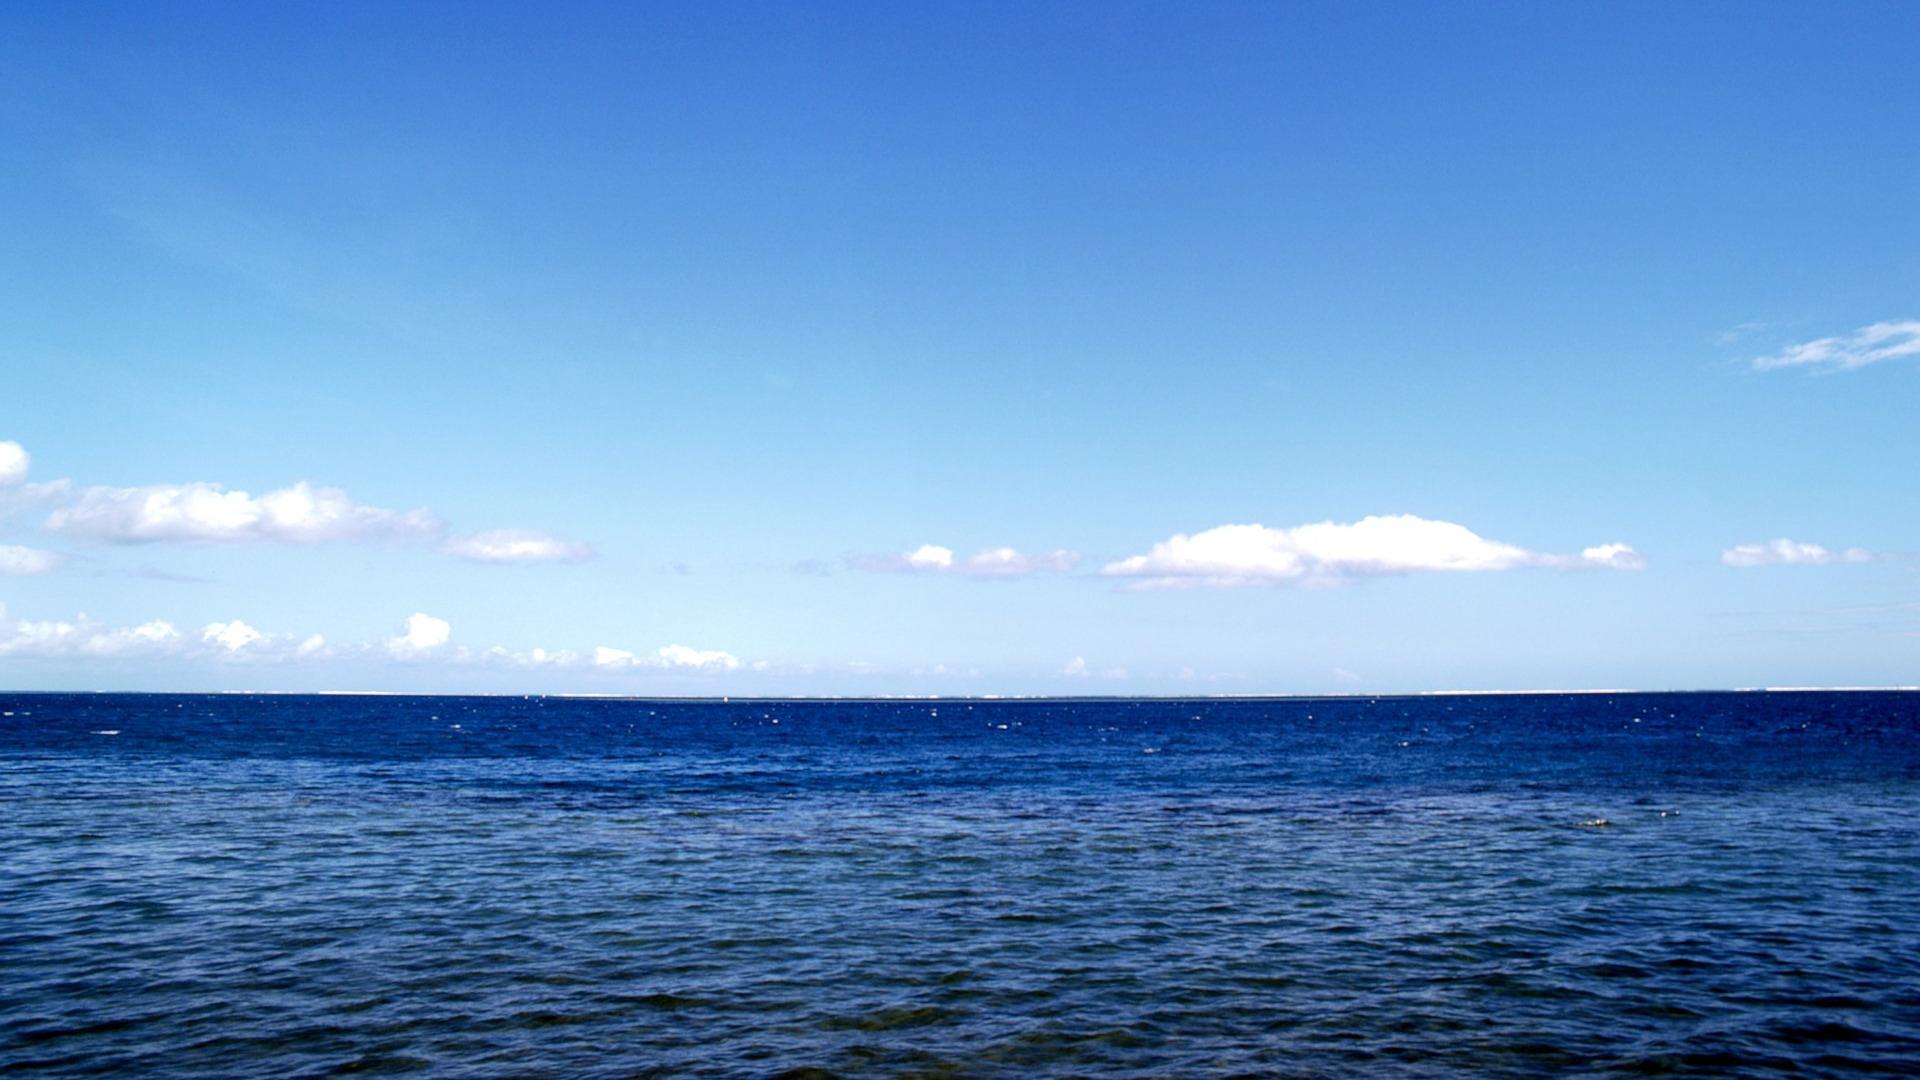 青い海と青空壁紙プレビュー 10wallpaper Com